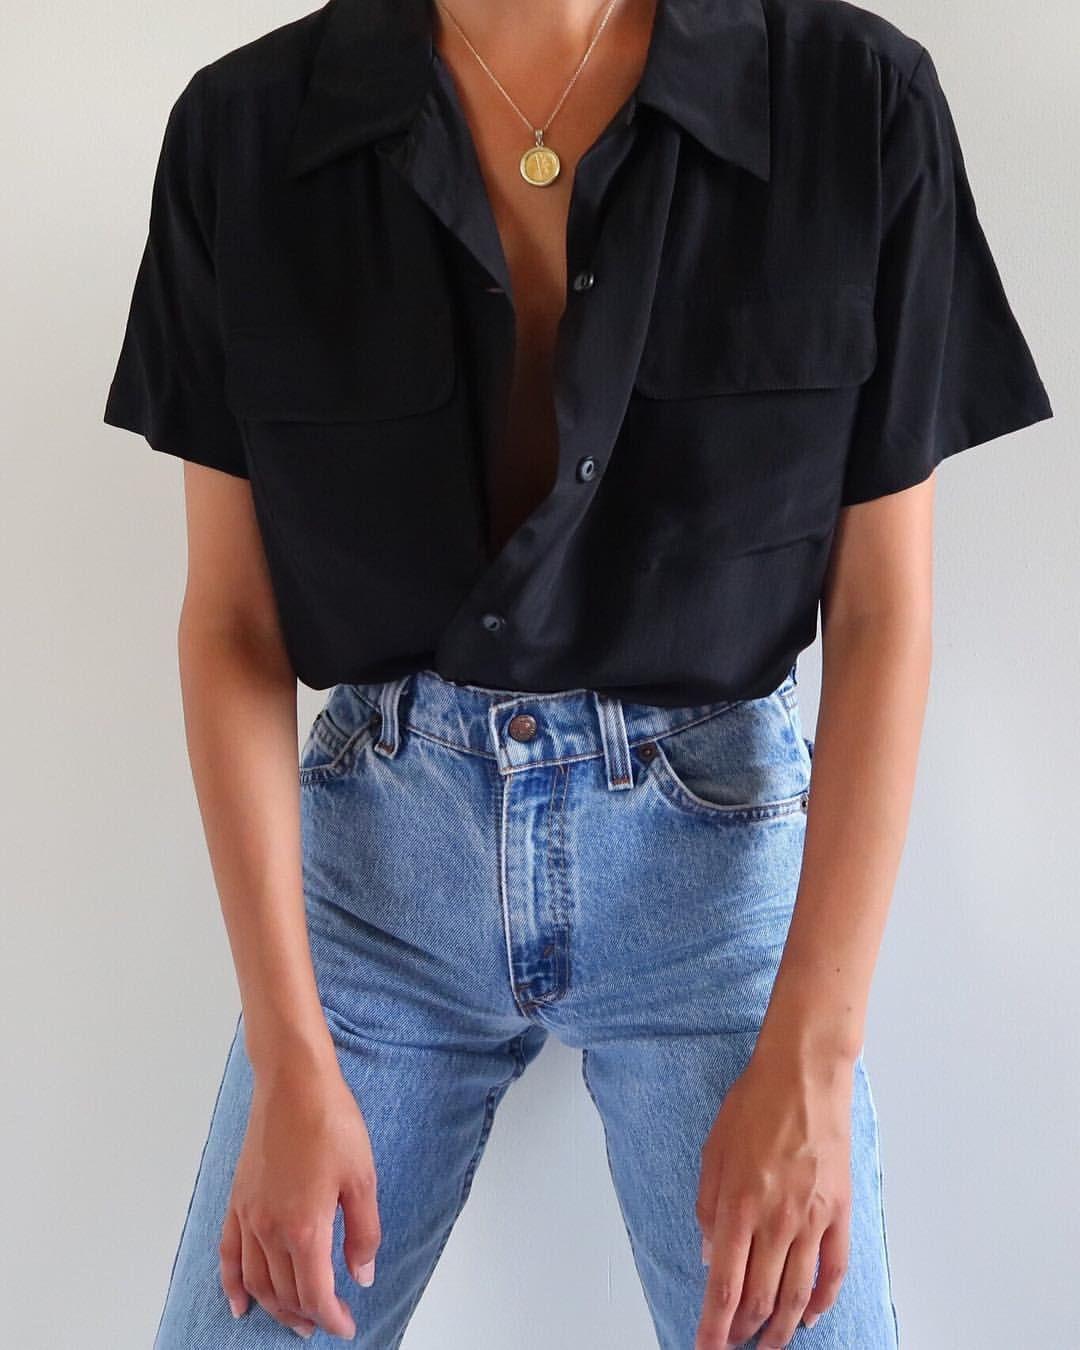 isilk kleding